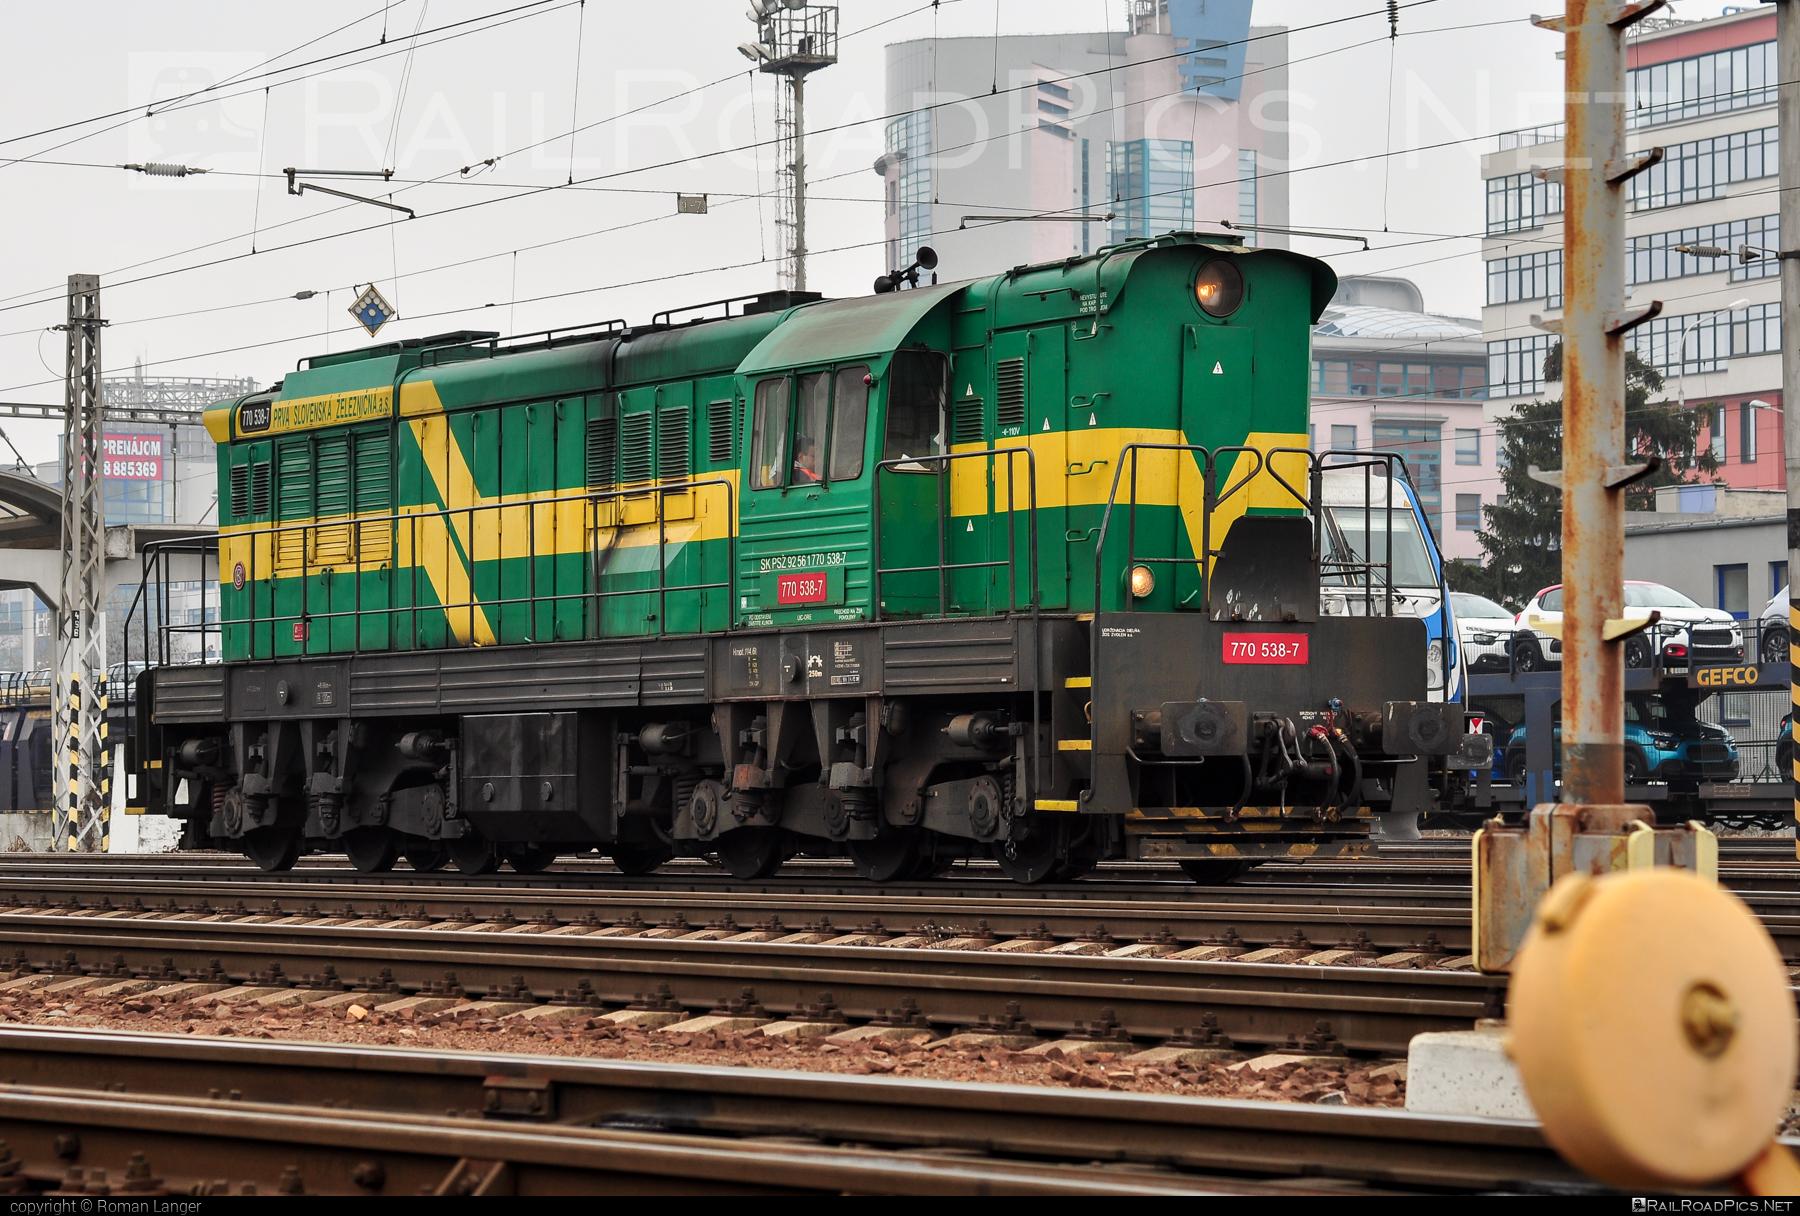 ČKD T 669.0 (770) - 770 538-7 operated by Prvá Slovenská železničná, a.s. #ckd #ckd6690 #ckd770 #ckdt6690 #cmeliak #prvaslovenskazeleznicna #prvaslovenskazeleznicnaas #psz